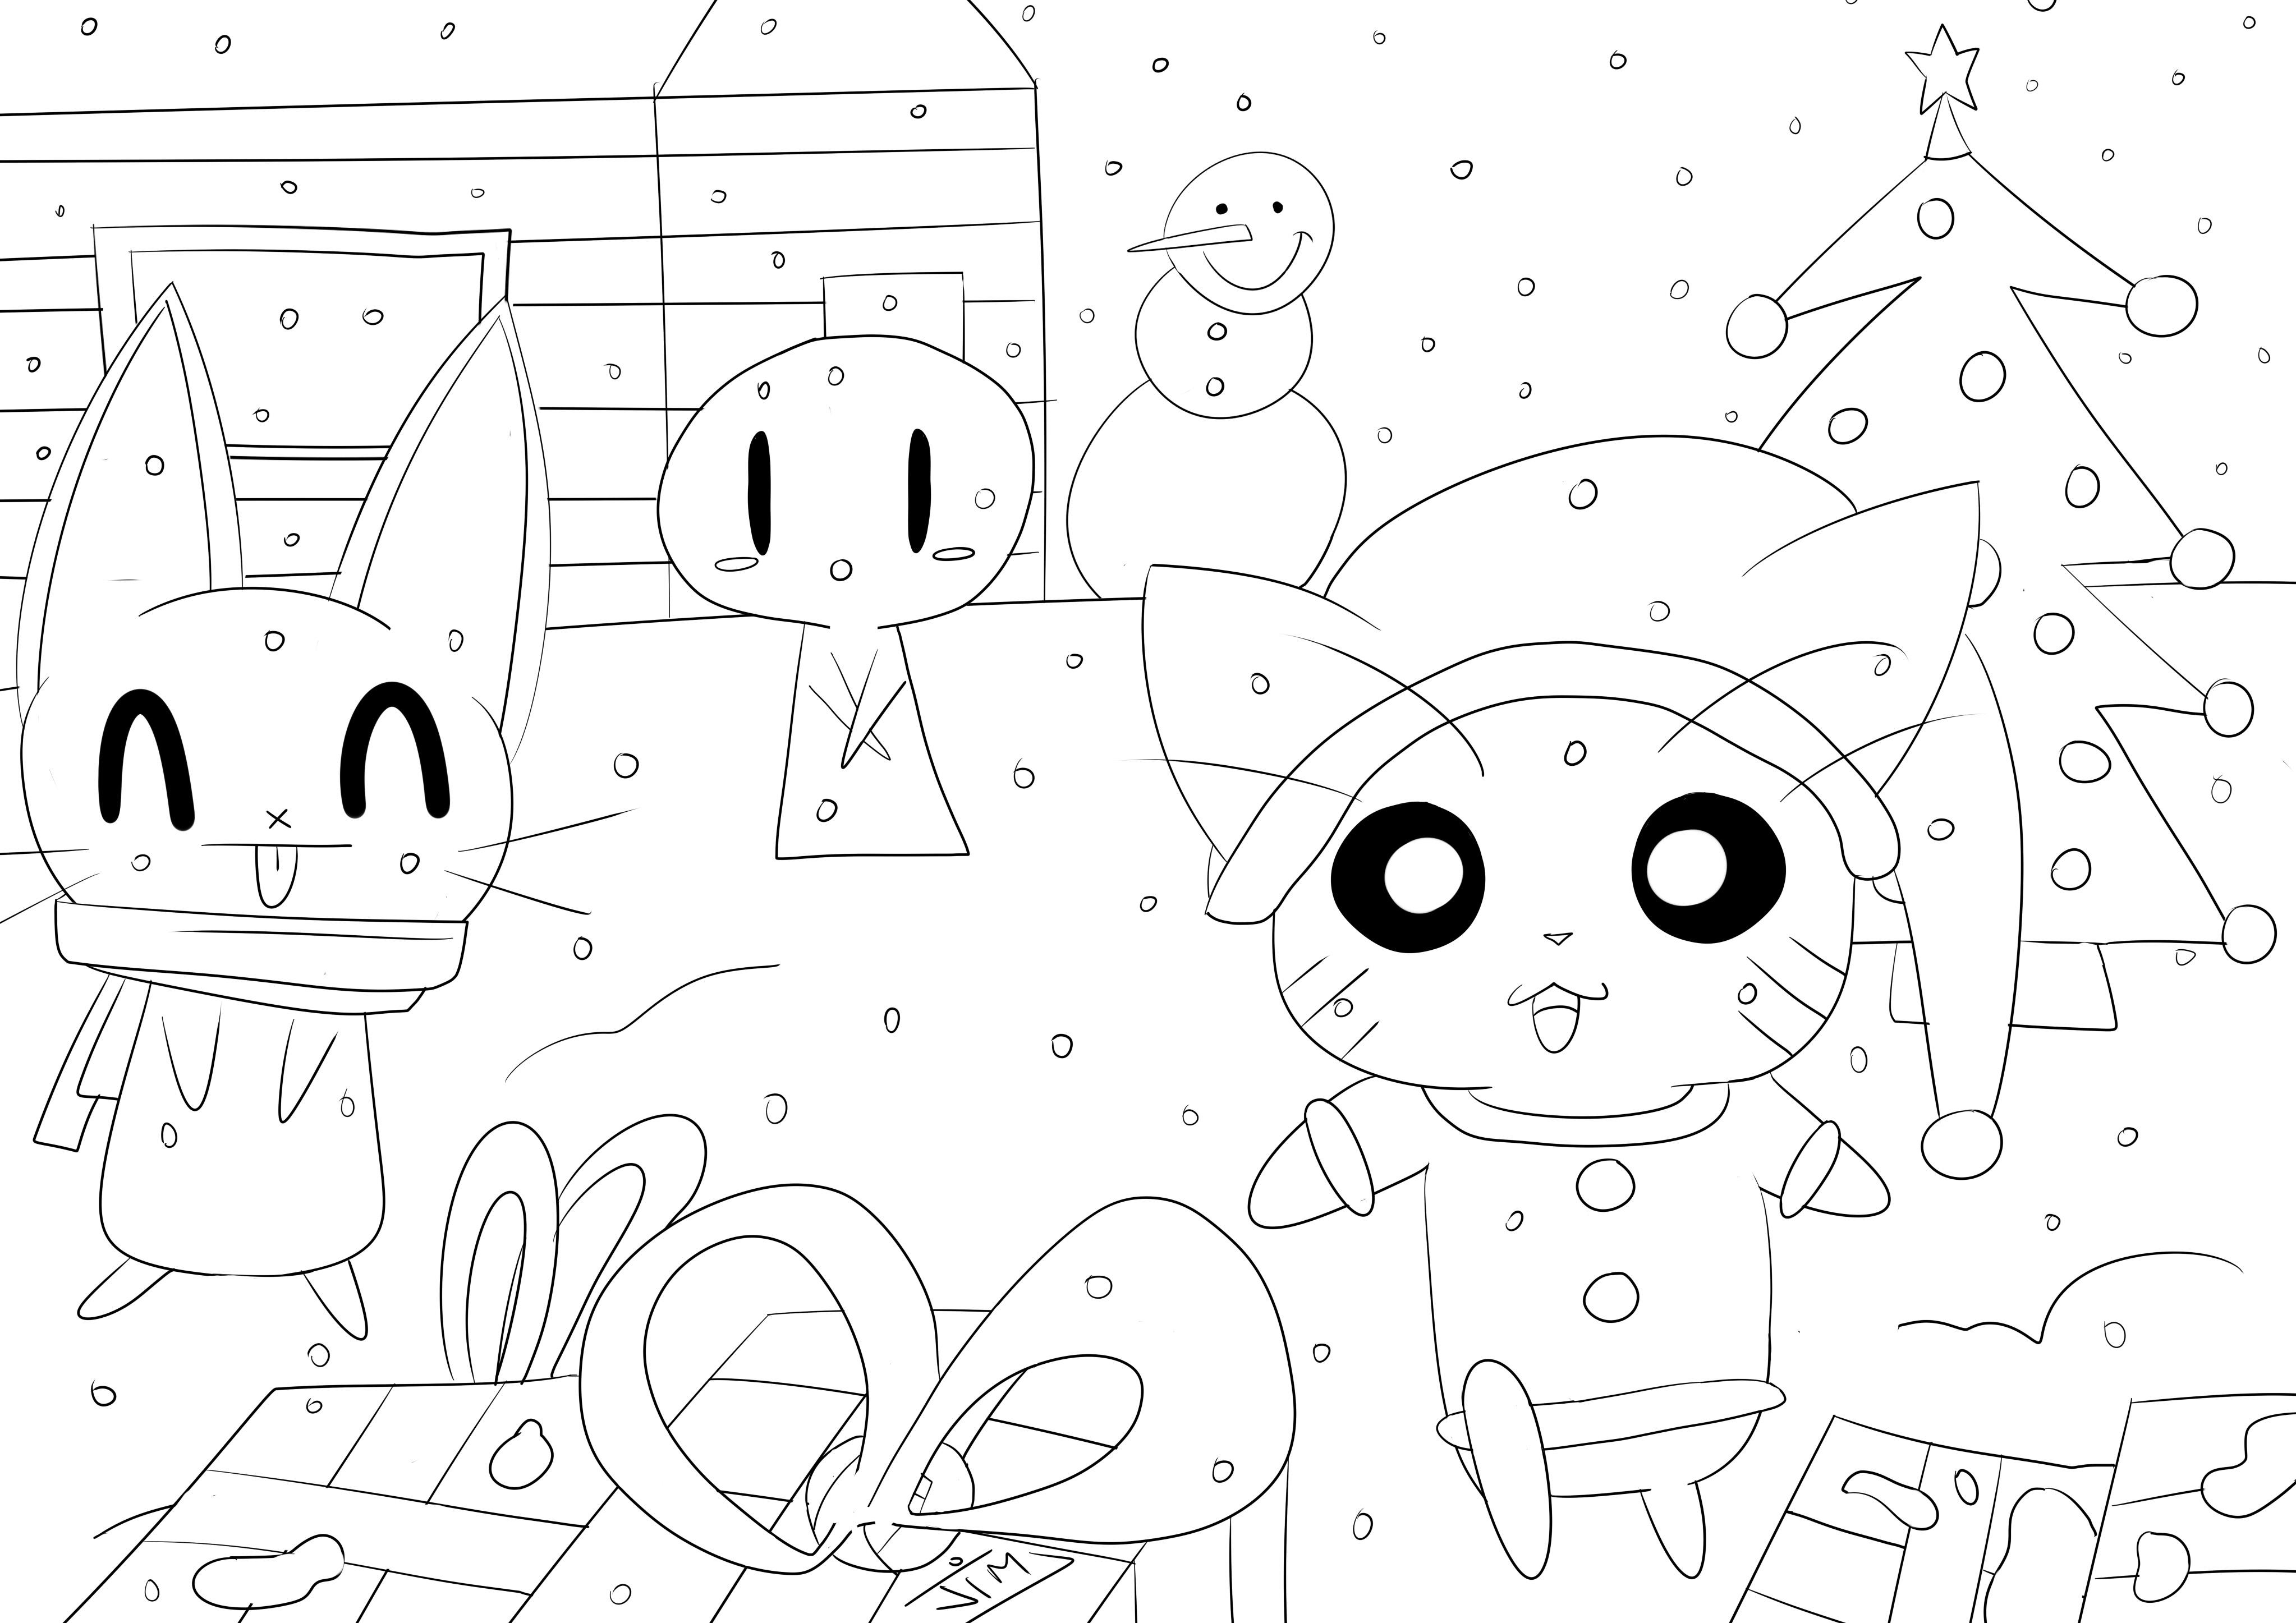 Doodle noel - Coloriage Doodle Art - Coloriages pour enfants